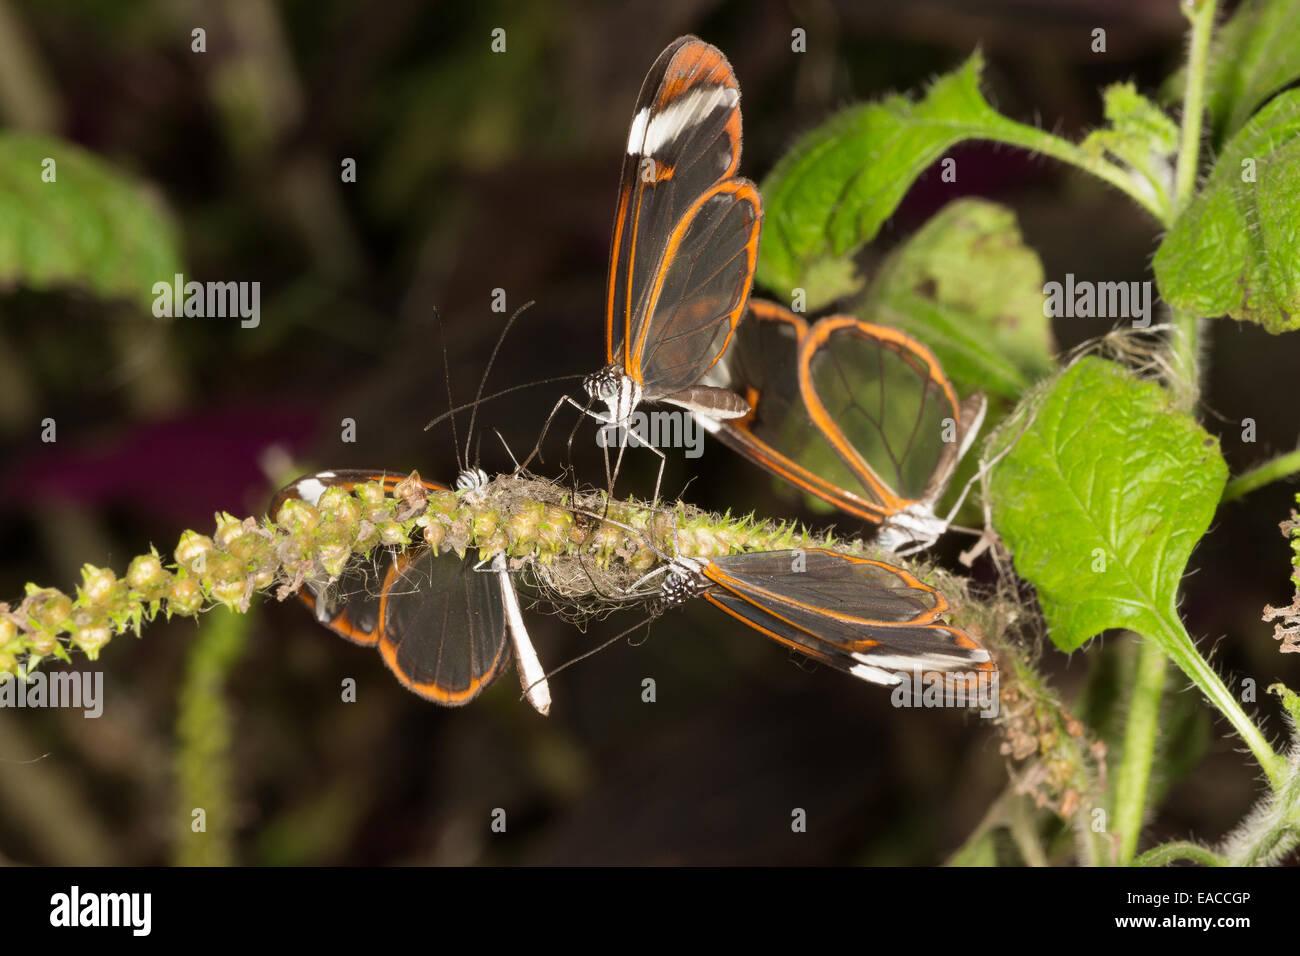 """""""Verre"""" d'aile de papillons (Greta oto), boire à North Somerset Butterfly House Photo Stock"""